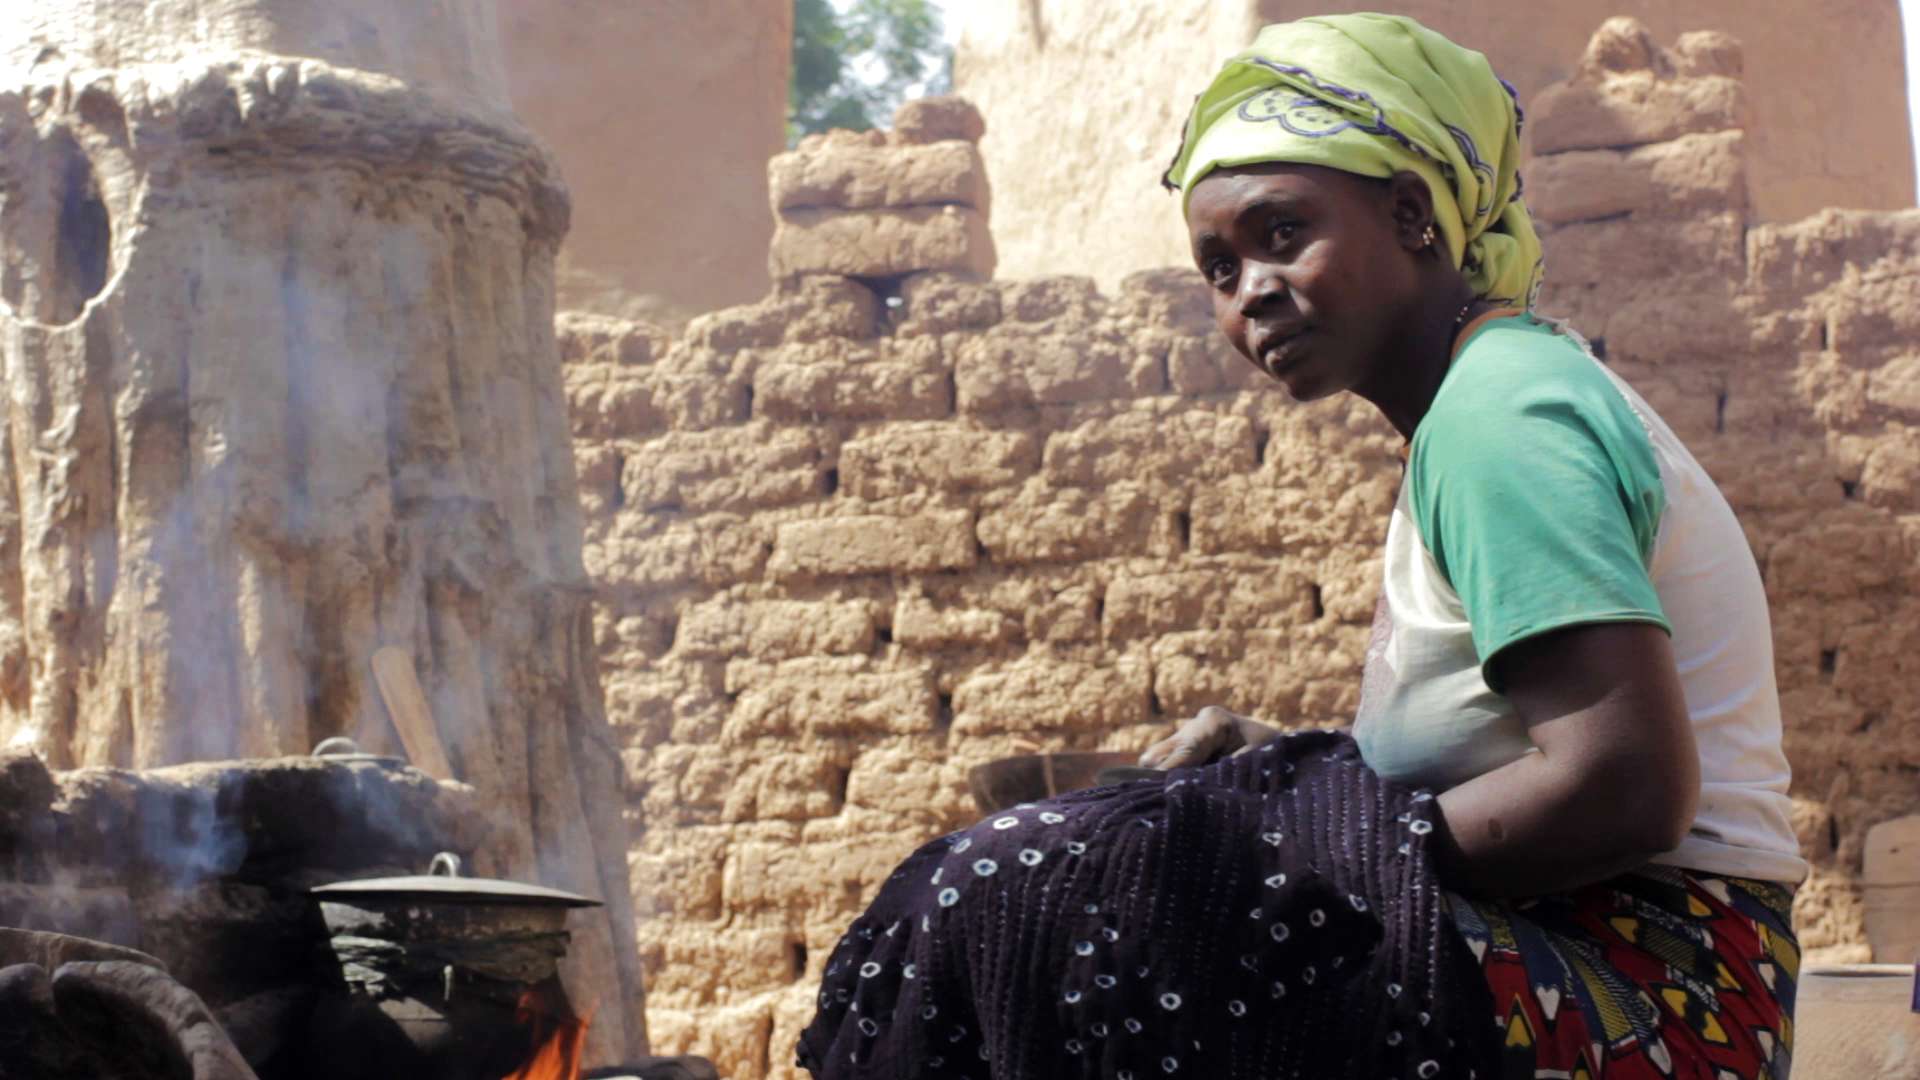 fabricacion bogolan dogon pablocaminante mujer - Malí 8, País Dogon V: moda, arte y religión